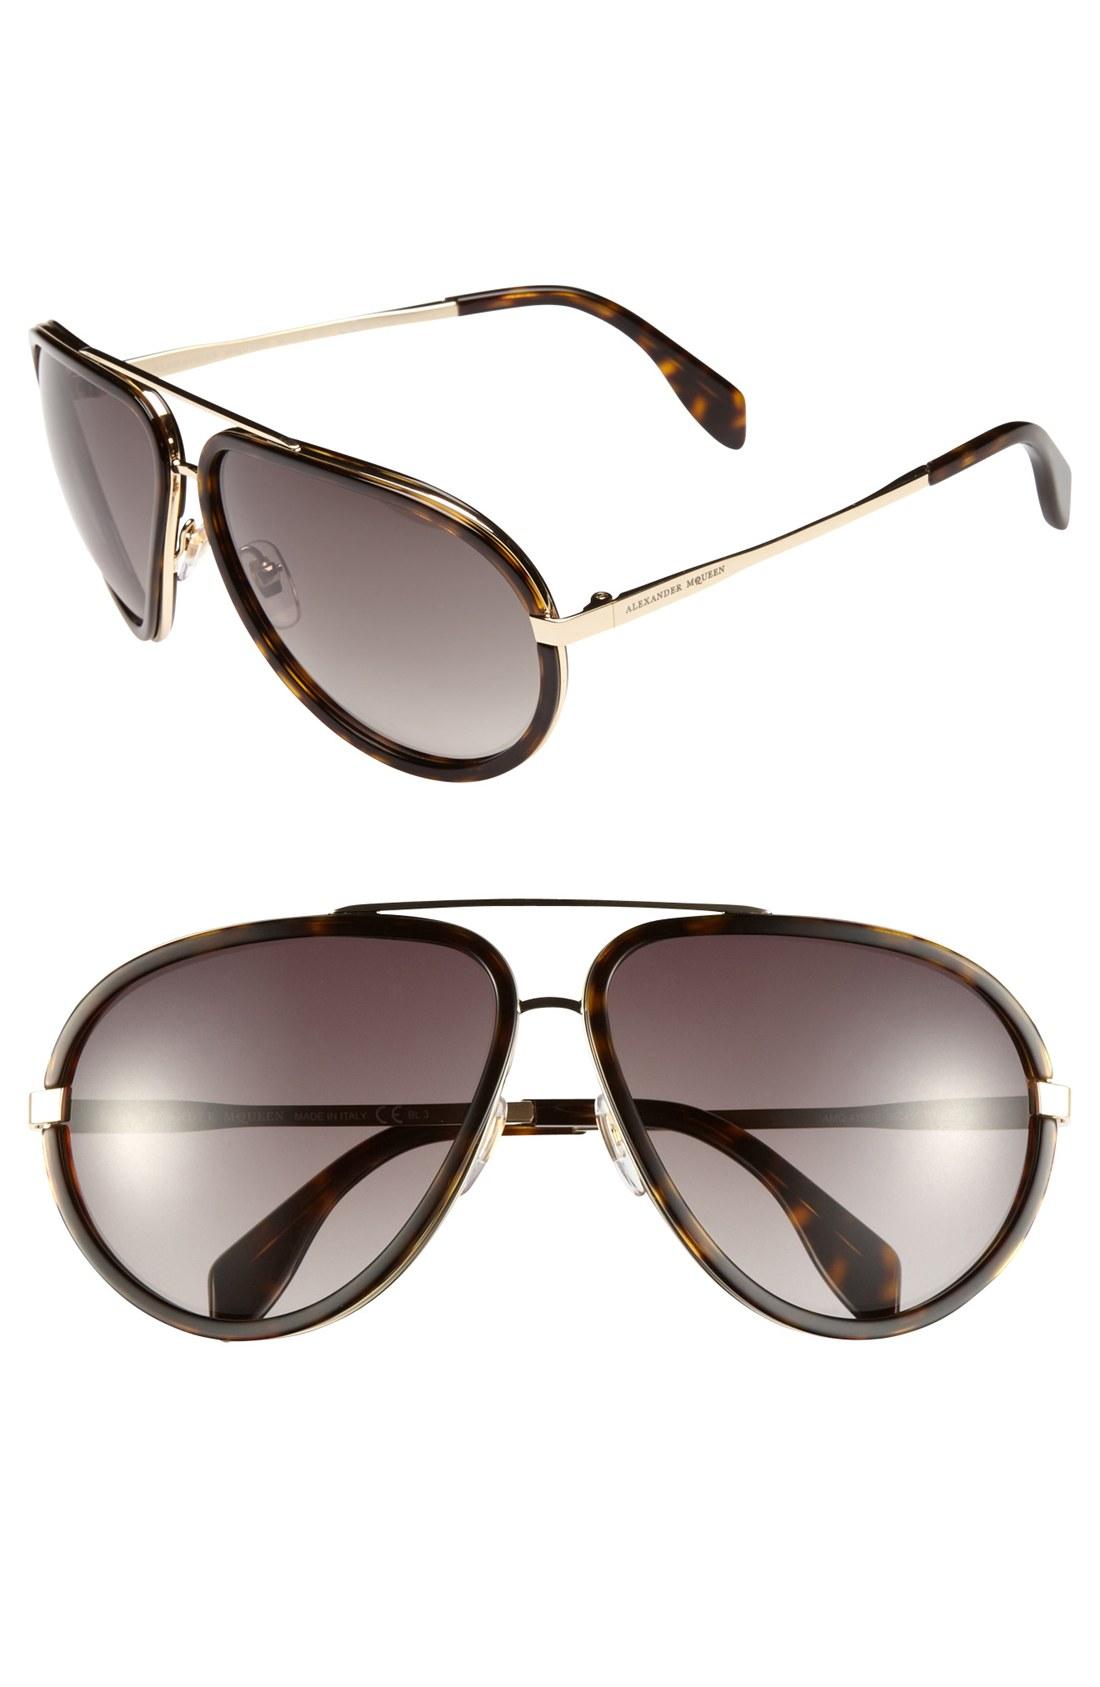 alexander mcqueen sunglasses aviators